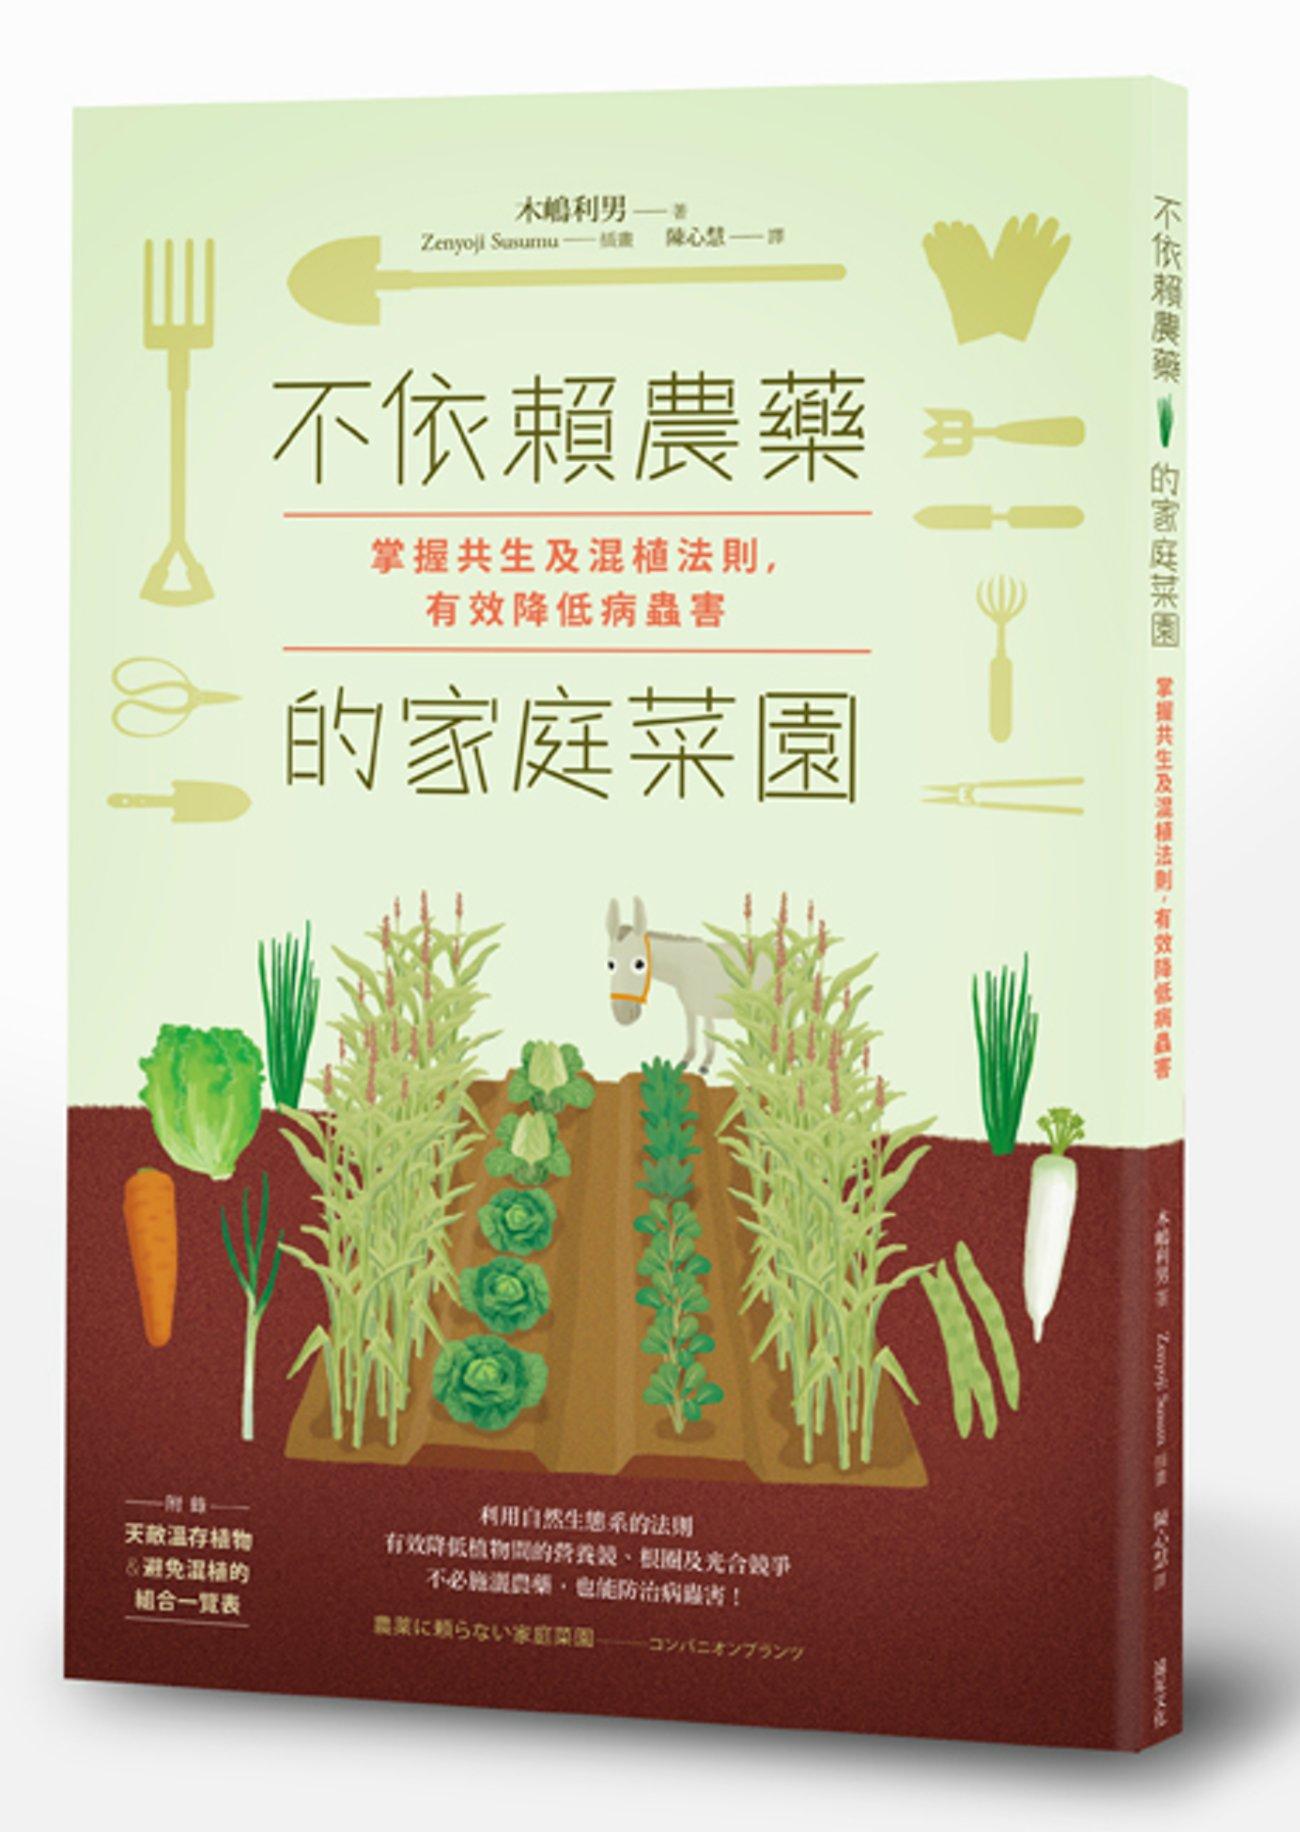 不依賴農藥的家庭菜園:掌握共生及混植法則,有效降低病蟲害